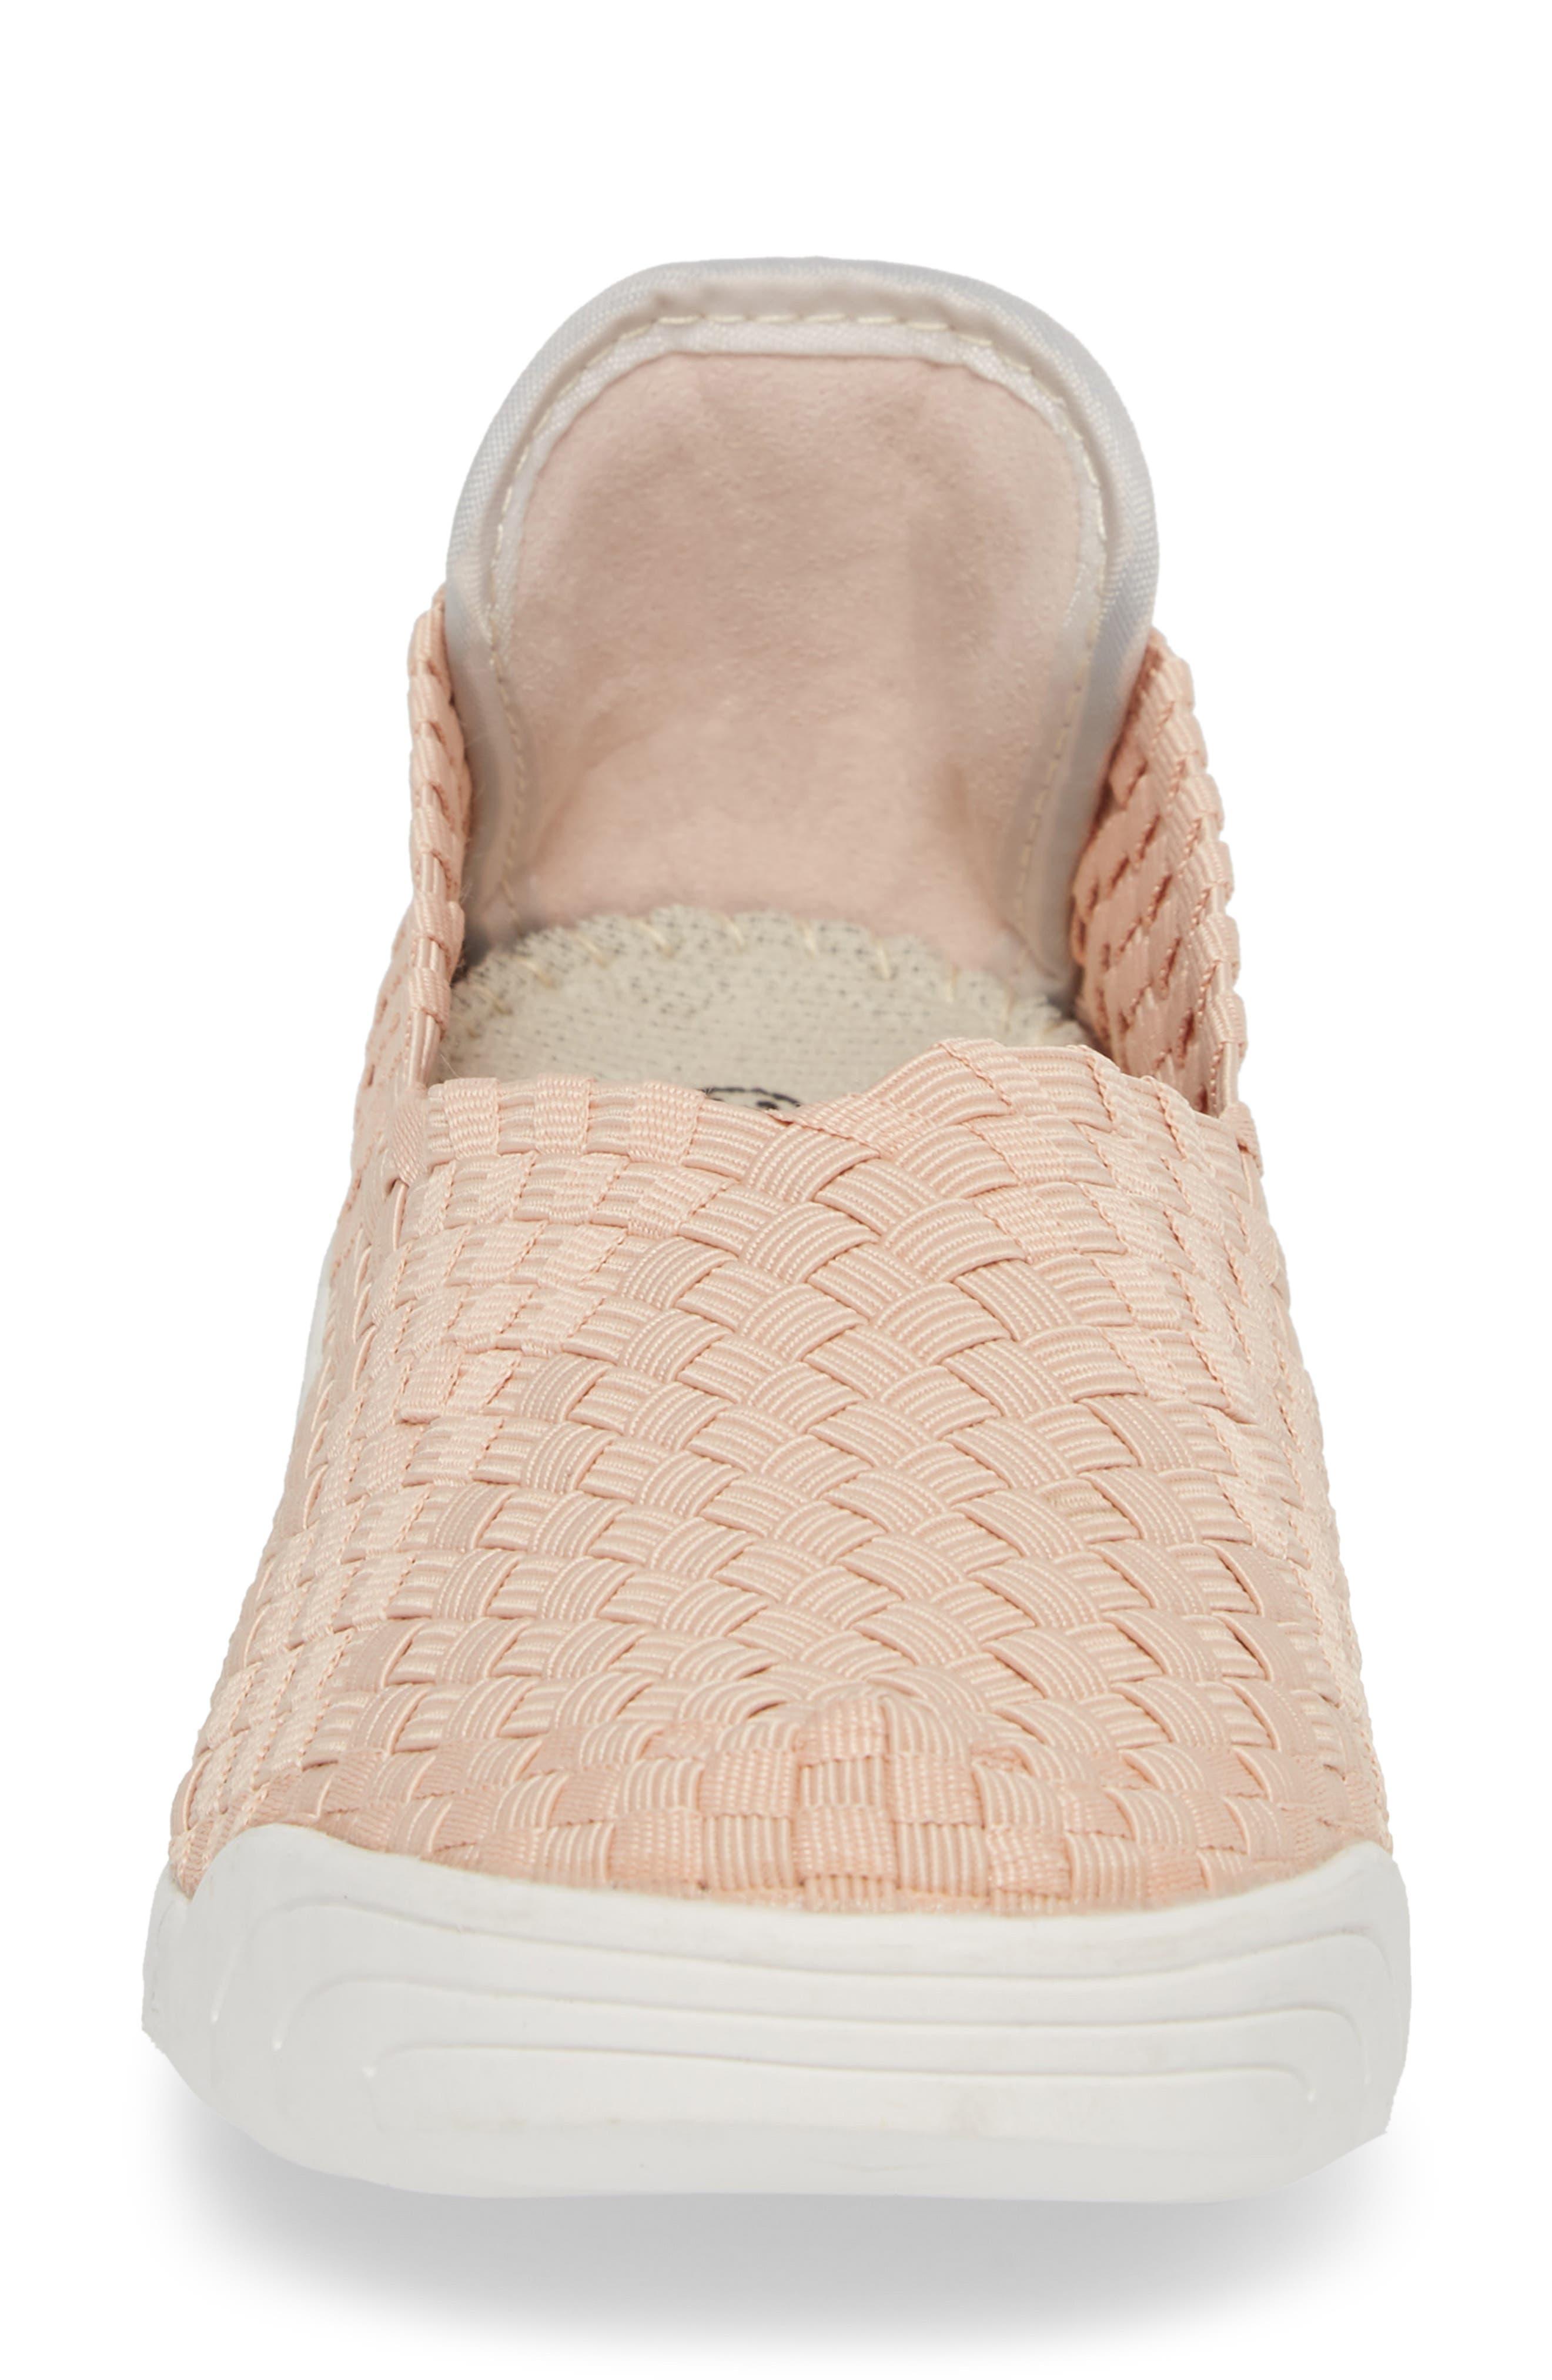 Rigged Fly Slip-On Sneaker,                             Alternate thumbnail 4, color,                             Blush